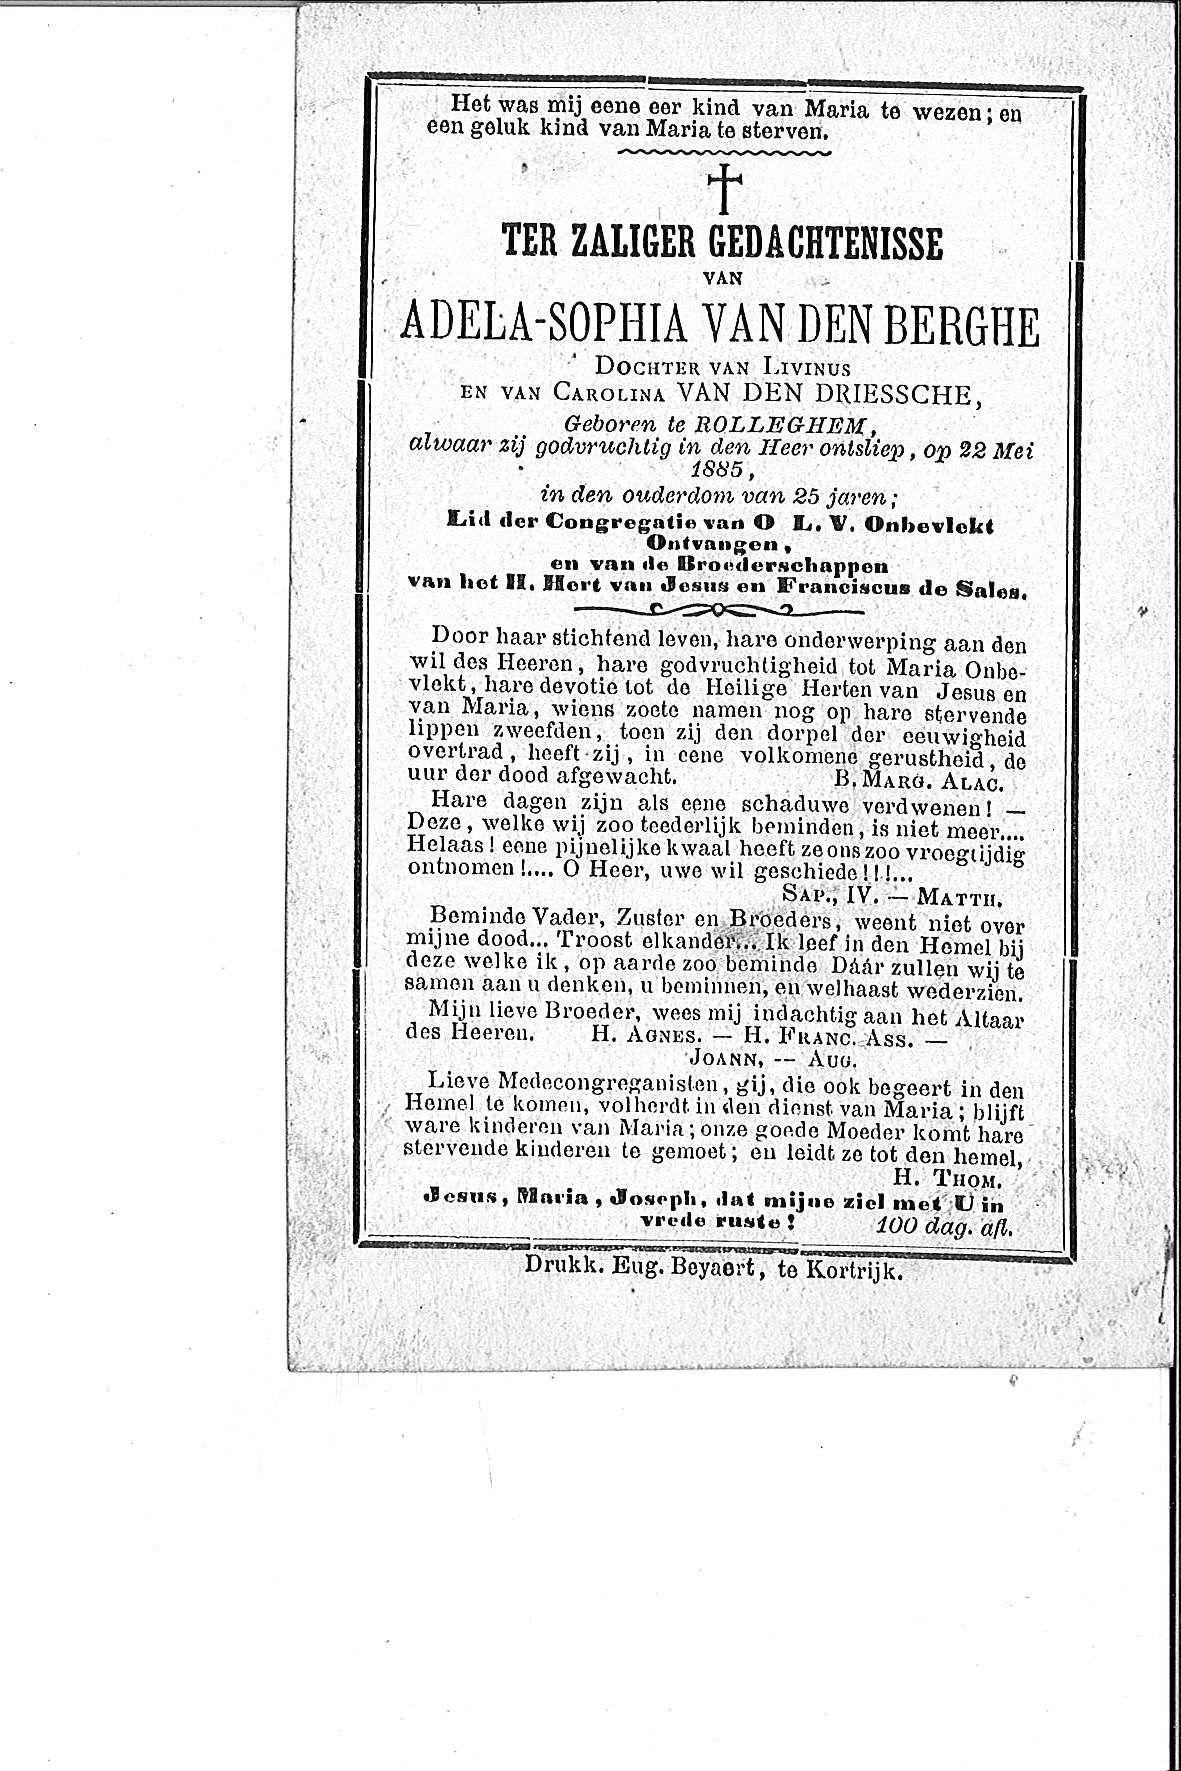 Aleda_Sophia(1885)20150806133810_00001.jpg